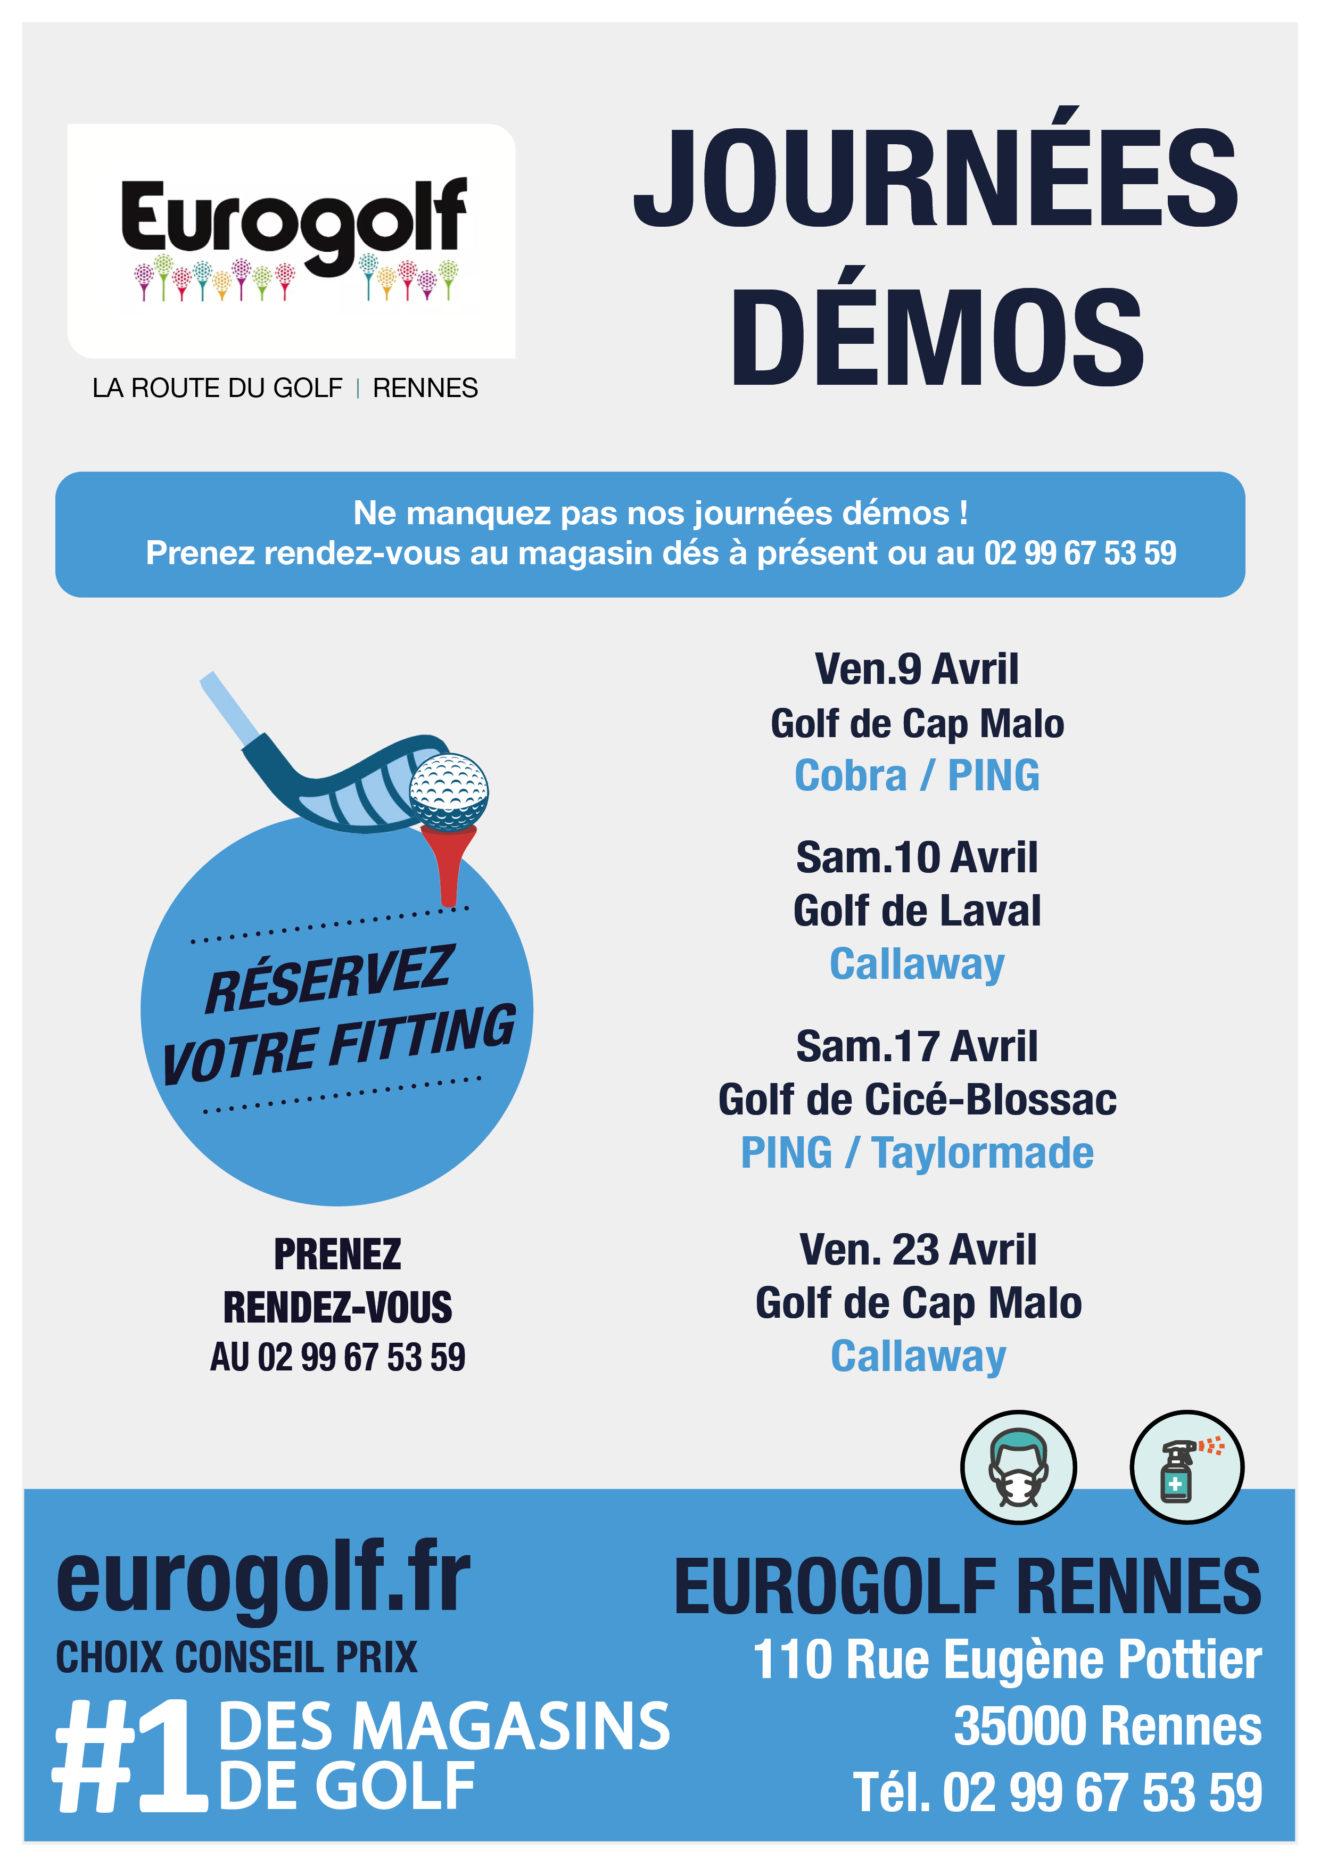 Affiche_De mos_A4_AVRIL_Rennes